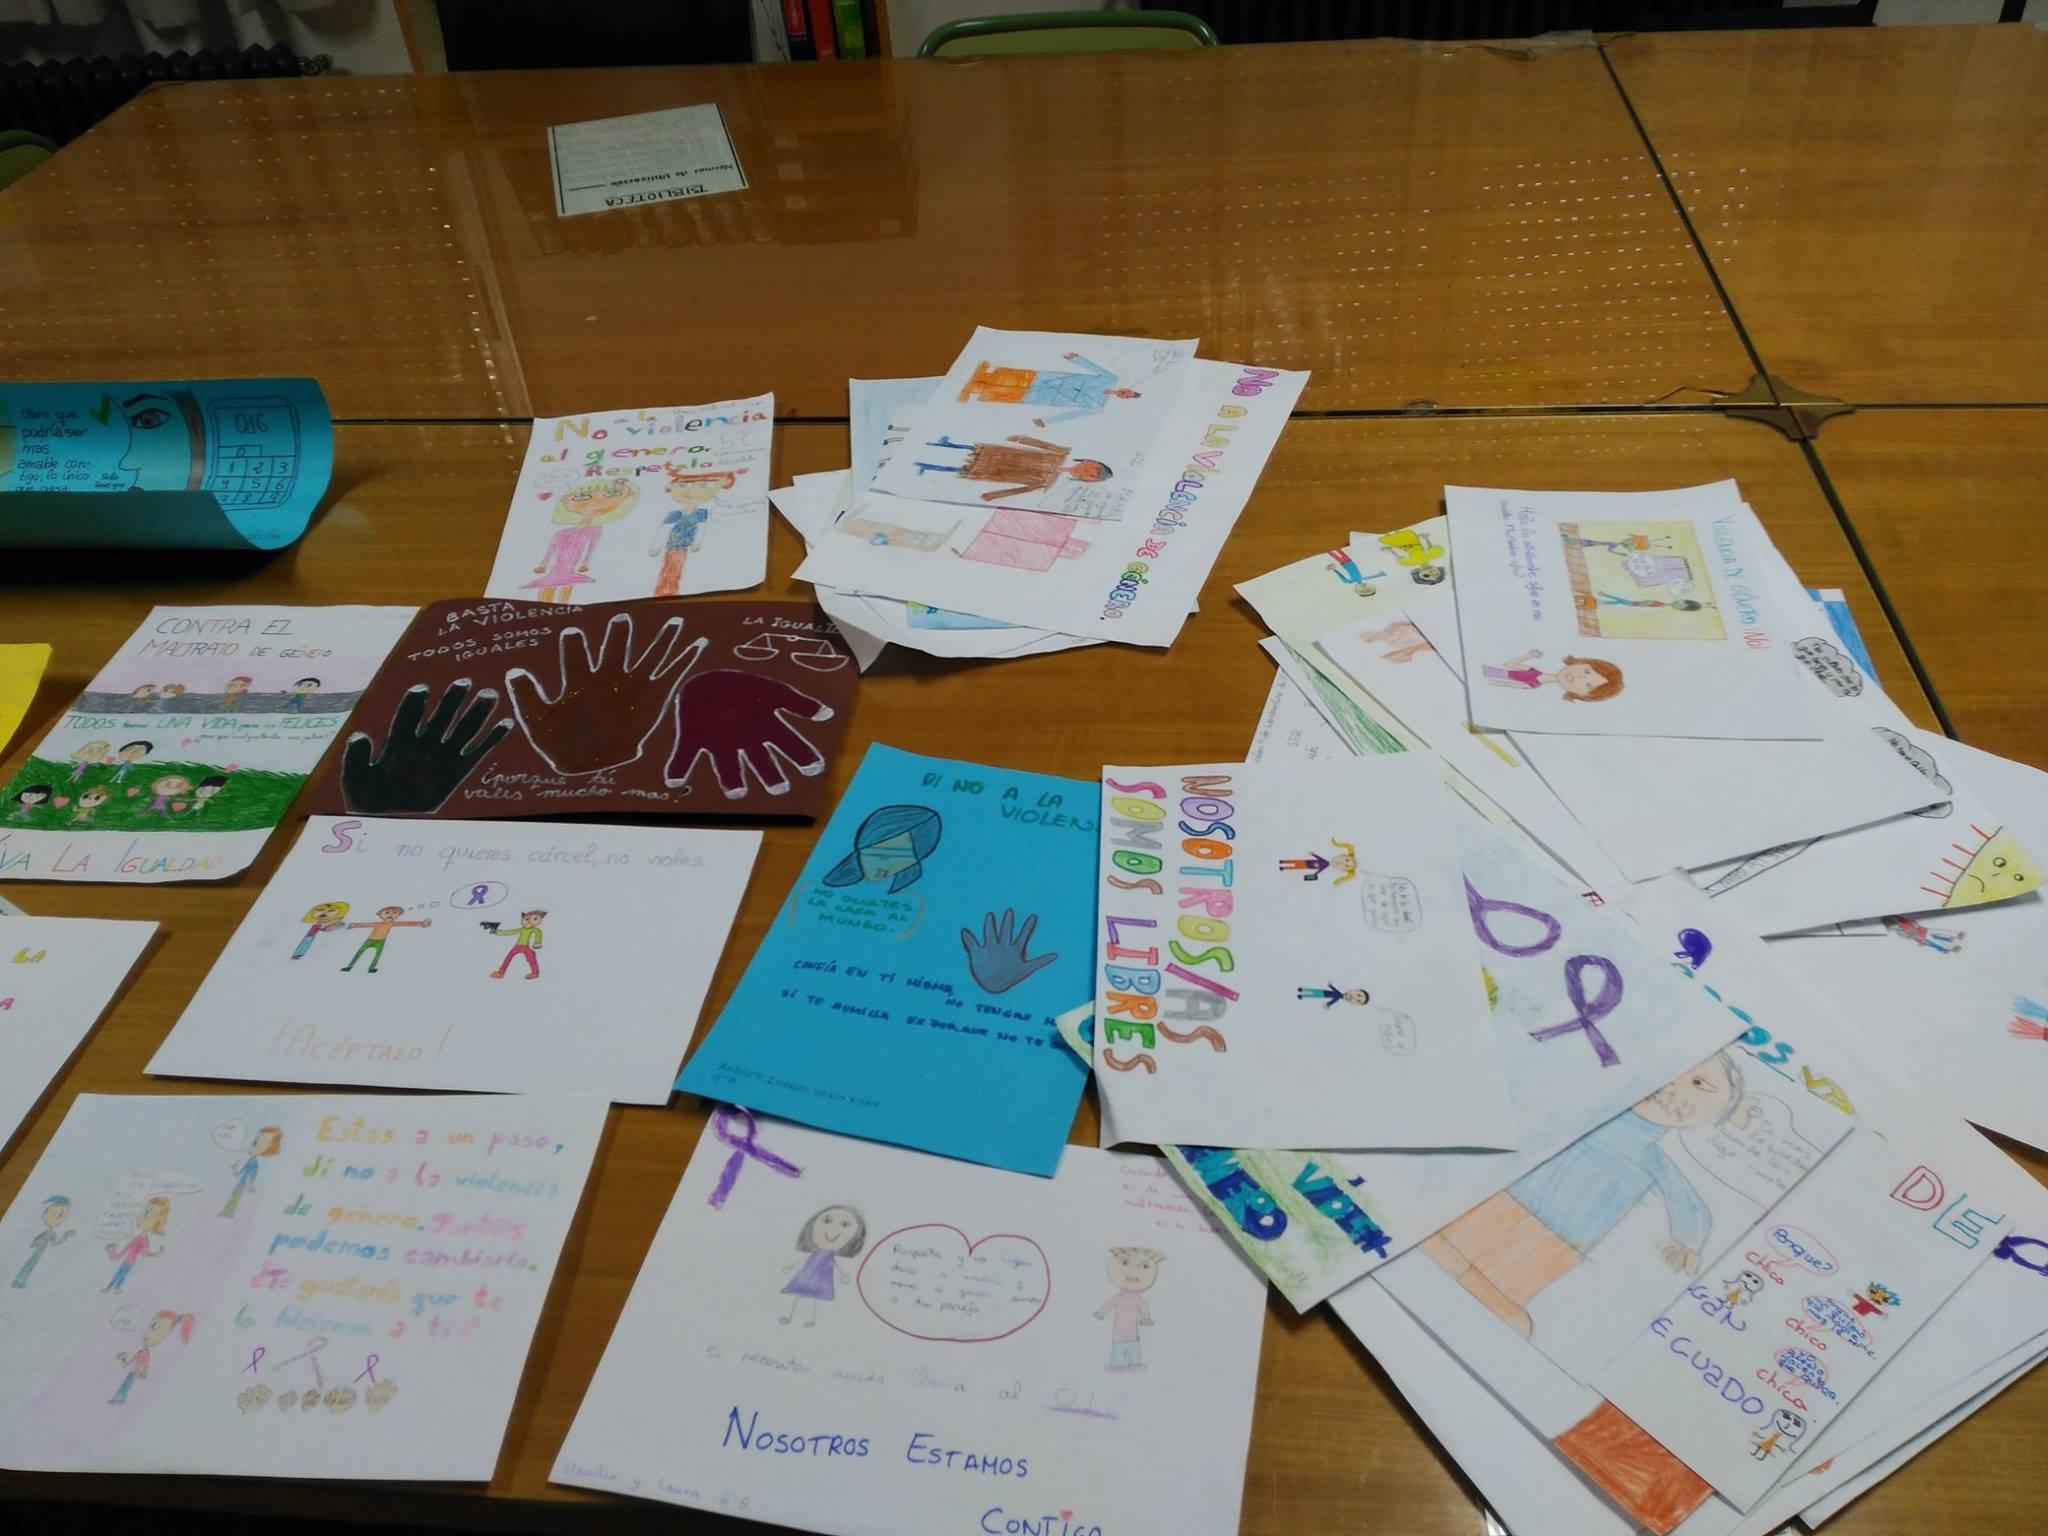 dibujos y esloganes contra la violencia de genero en ceip casrrasco alcalde - Concurso de dibujos y/o eslóganes contra la violencia de género del CEIP Carrasco Alcalde